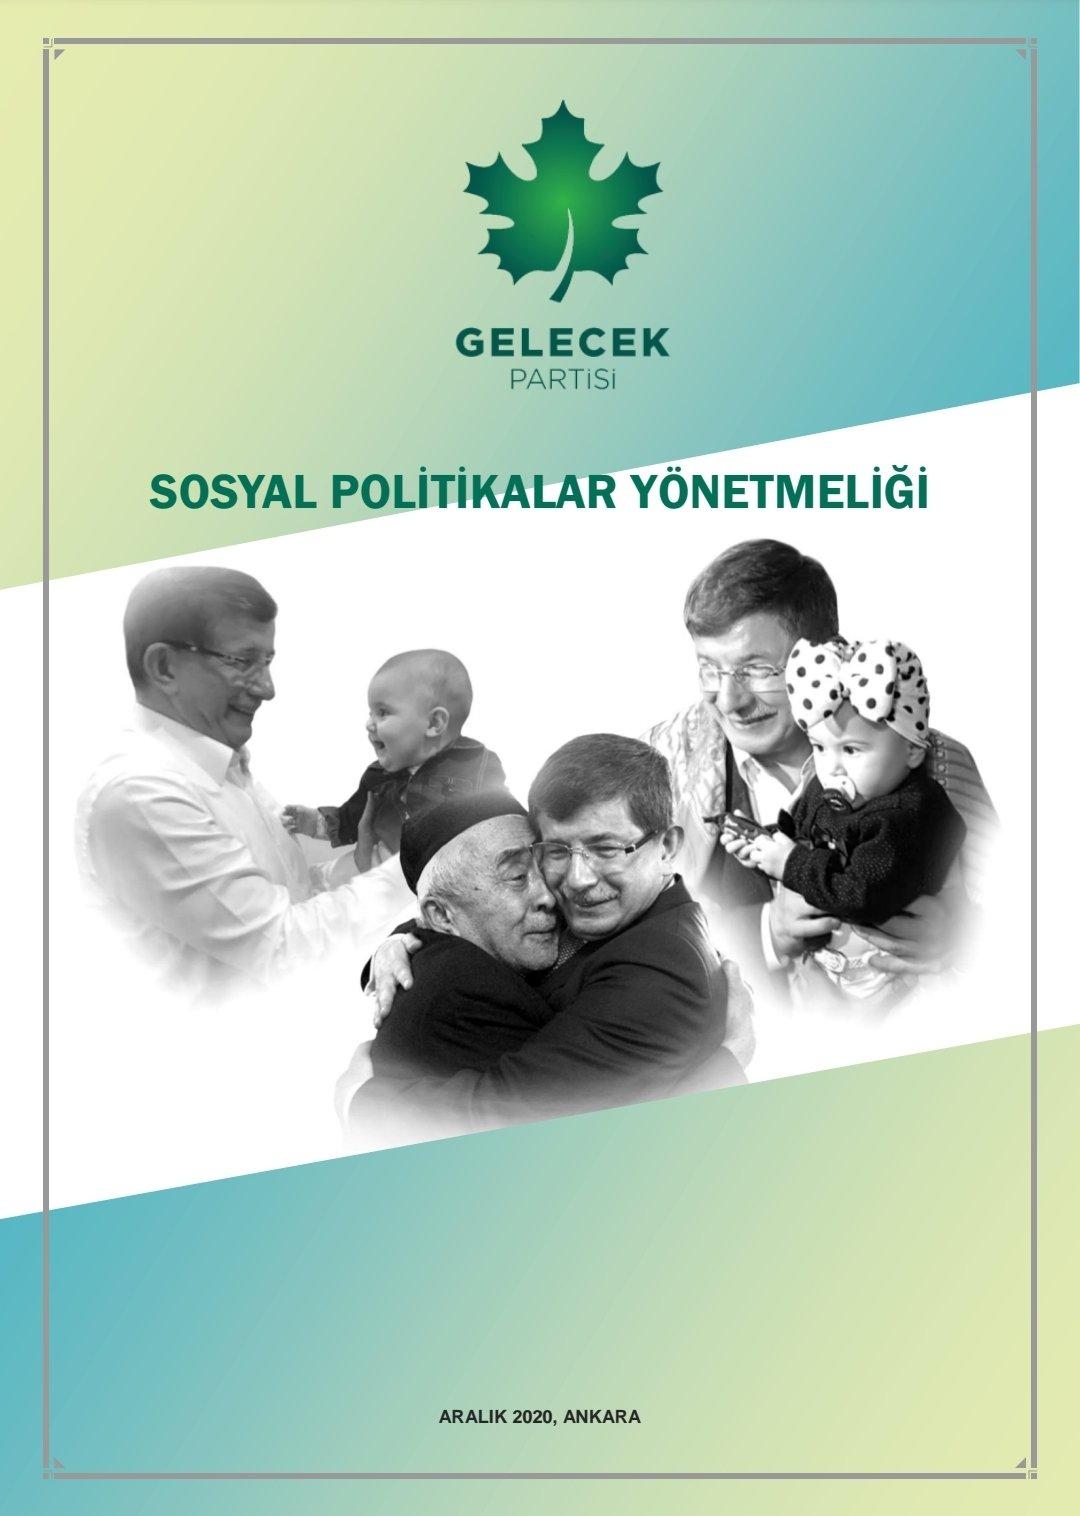 GELECEK PARTİSİ SOSYAL POLİTİKALAR YÖNETMELİĞİ